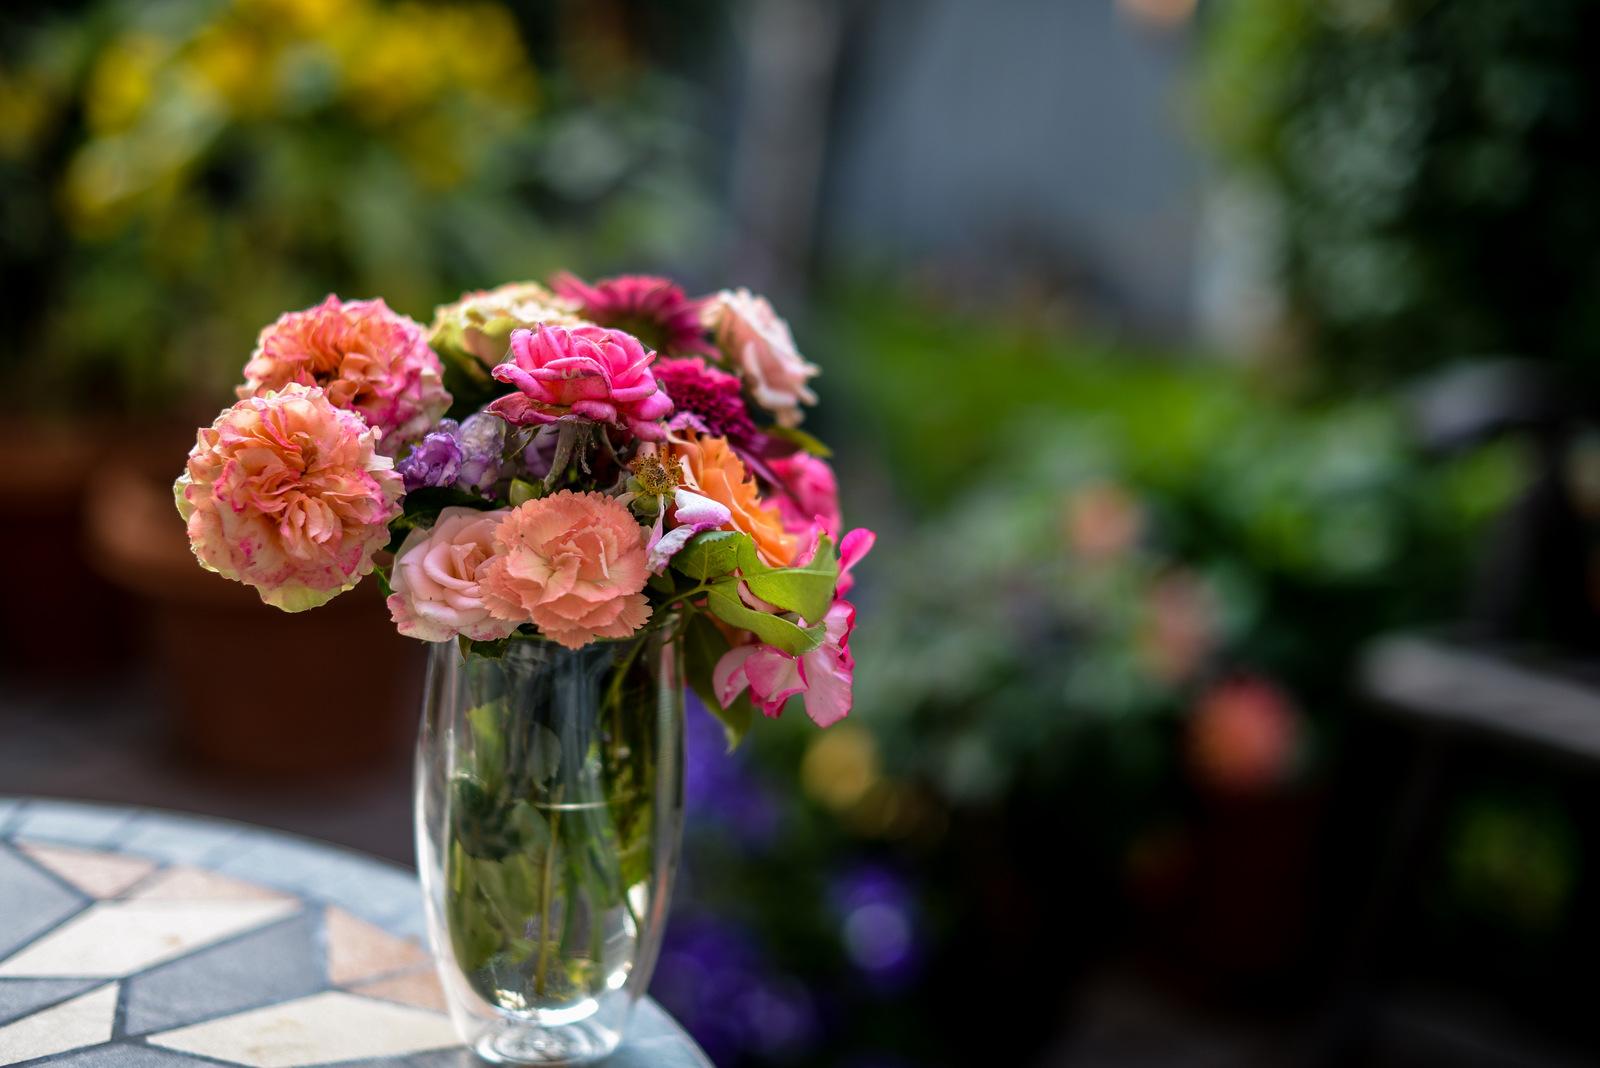 bouquet outside